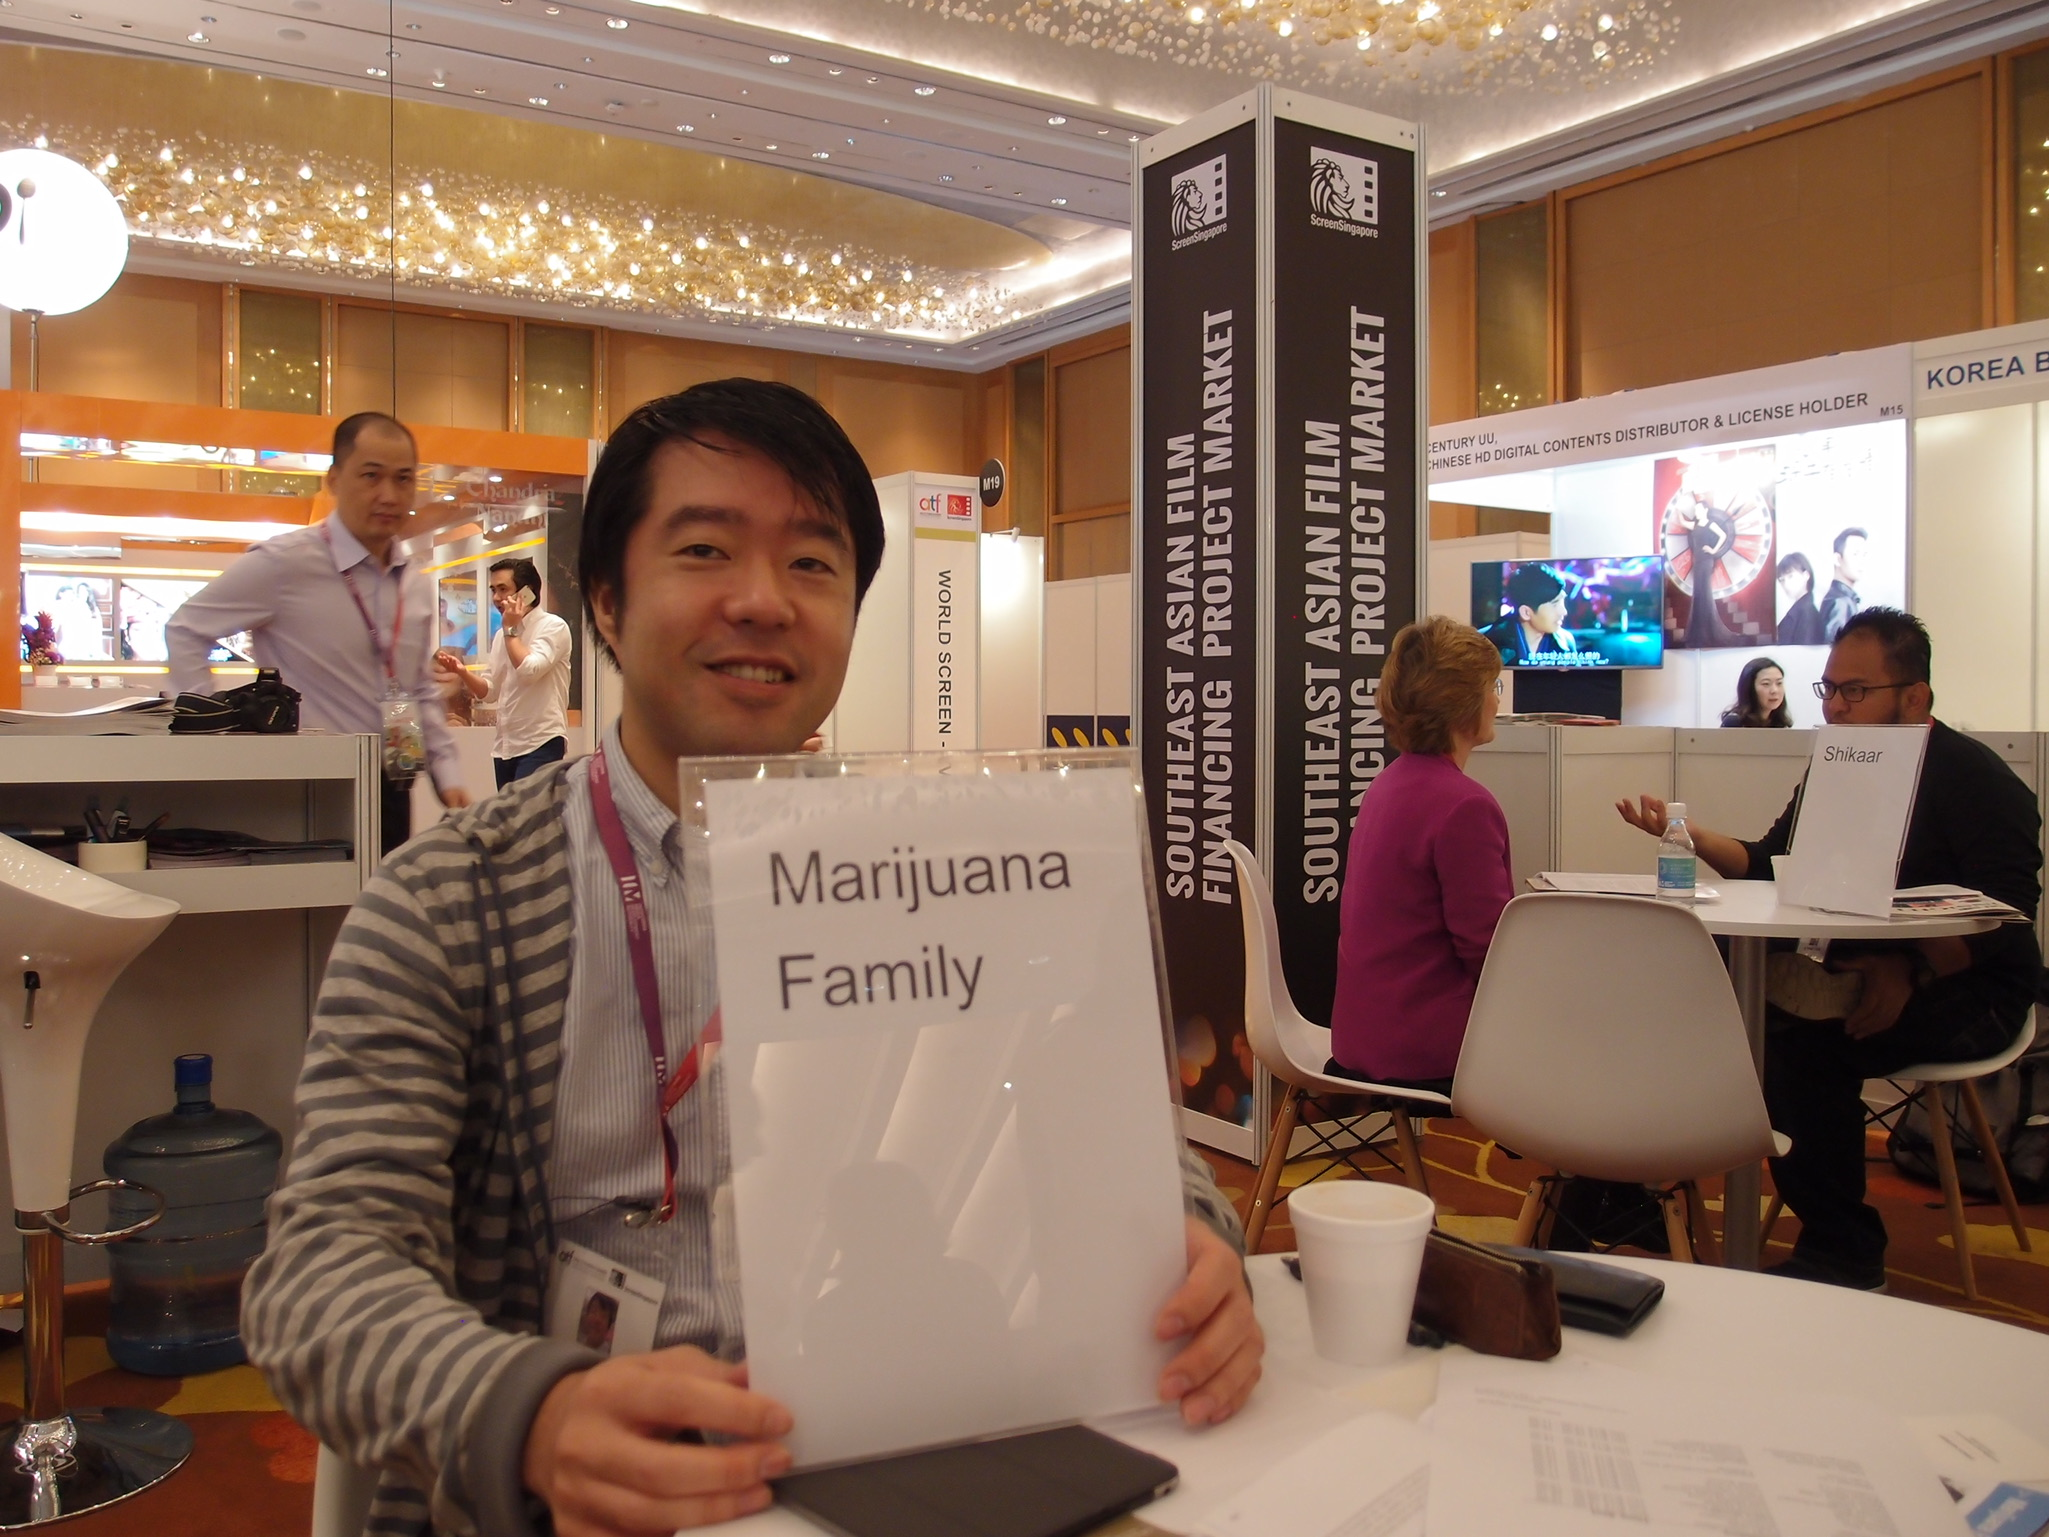 ワークショップと同時期に開催されていたSoutheast Asian Film Financing Project Marketにて次回作の売り込みもさせてもらいました。